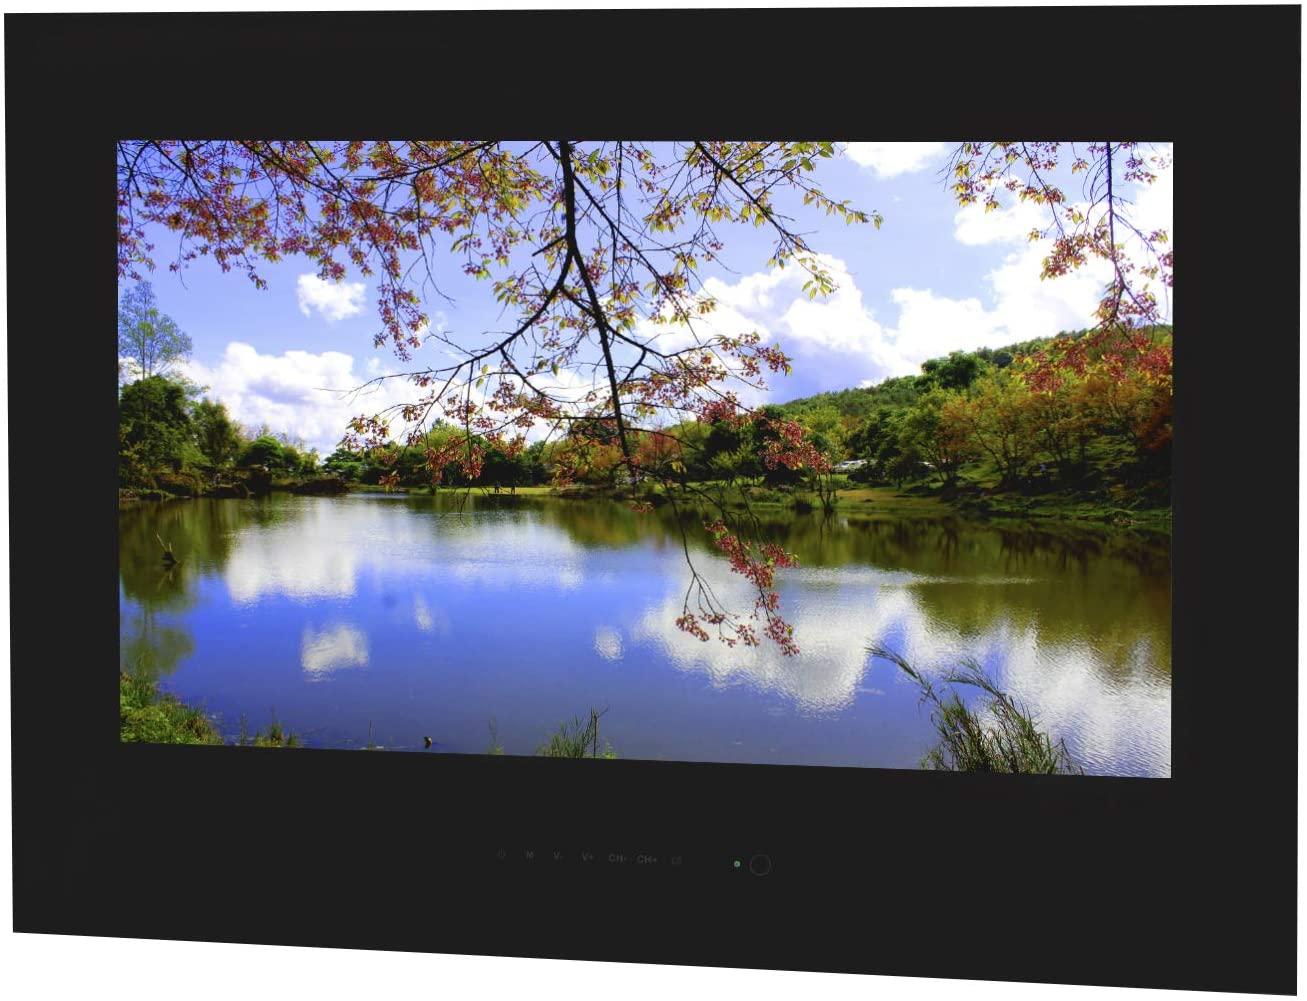 Waterproof TV for Bathroom/Shower/Kitchen/Living Room, Black Frame, AVEL (23.8